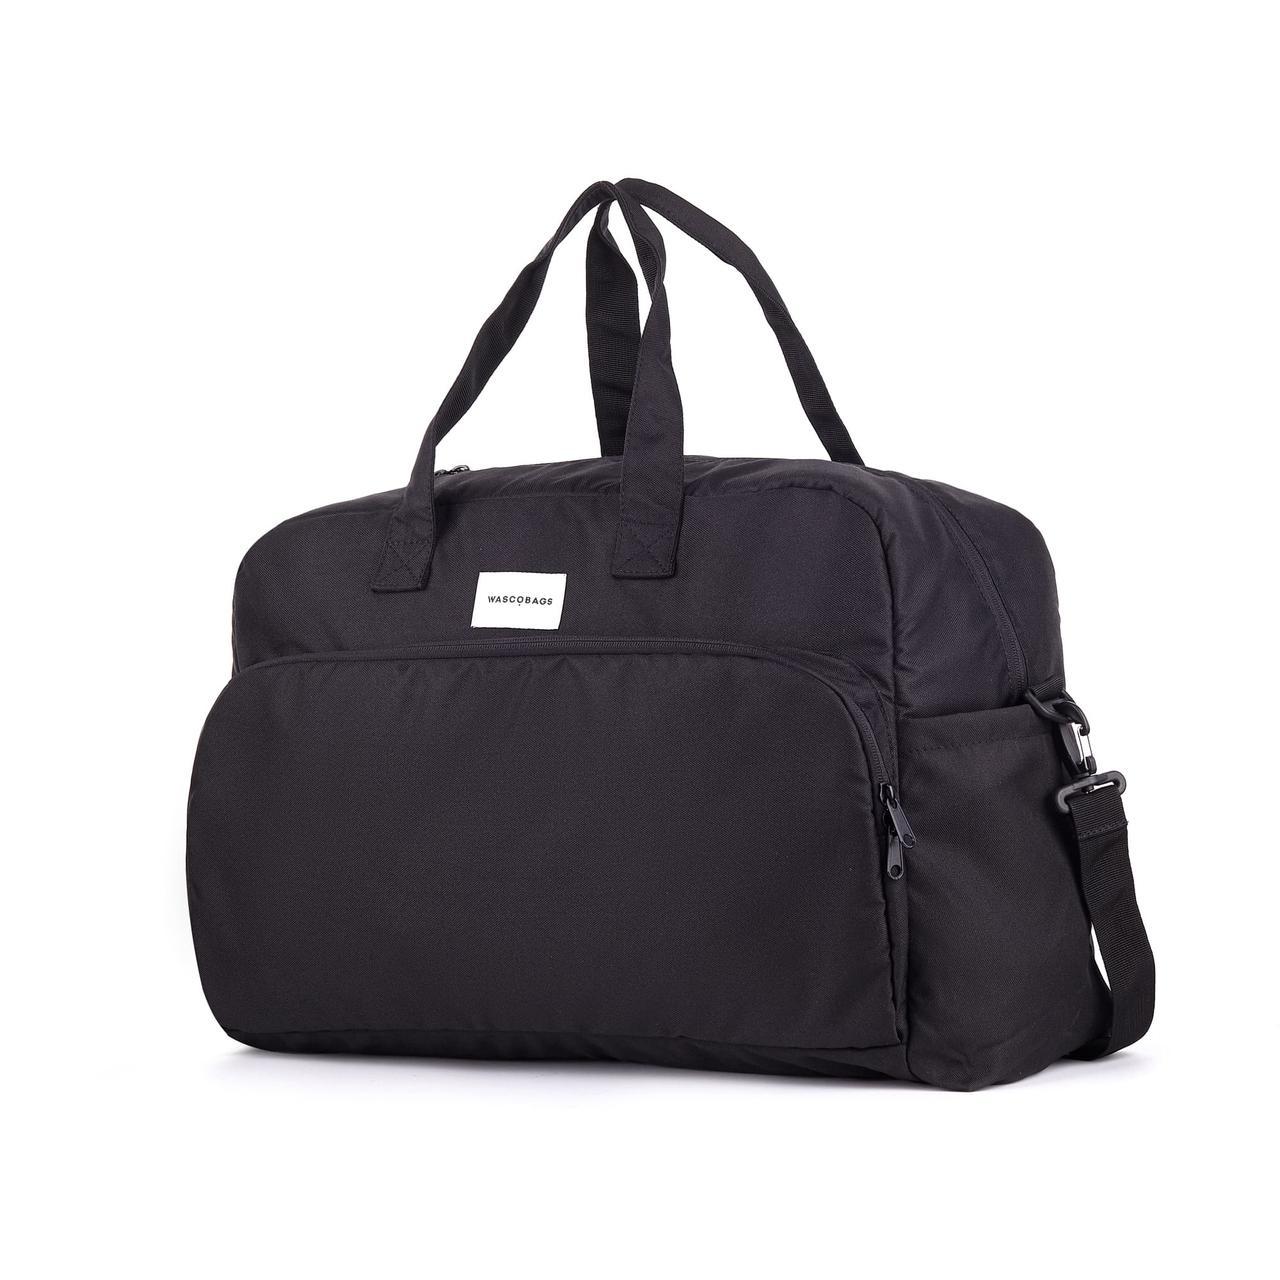 Дорожная сумка Wascobags Milano Черная (33 L)